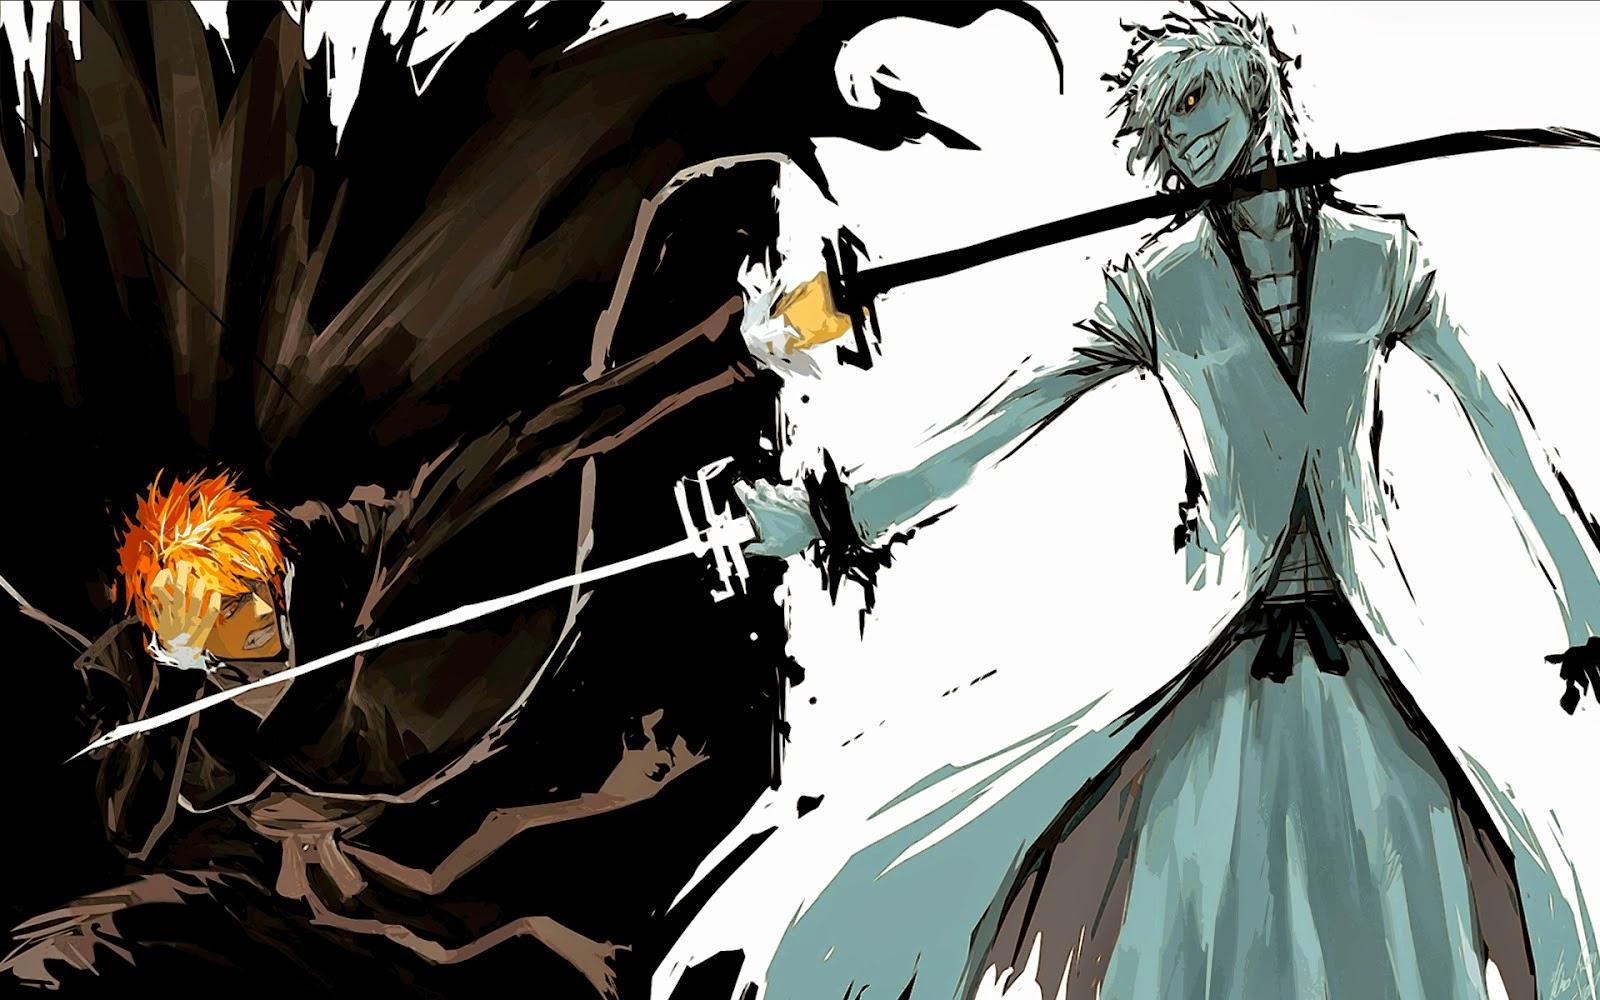 ảnh nền anime bleach cực đẹp